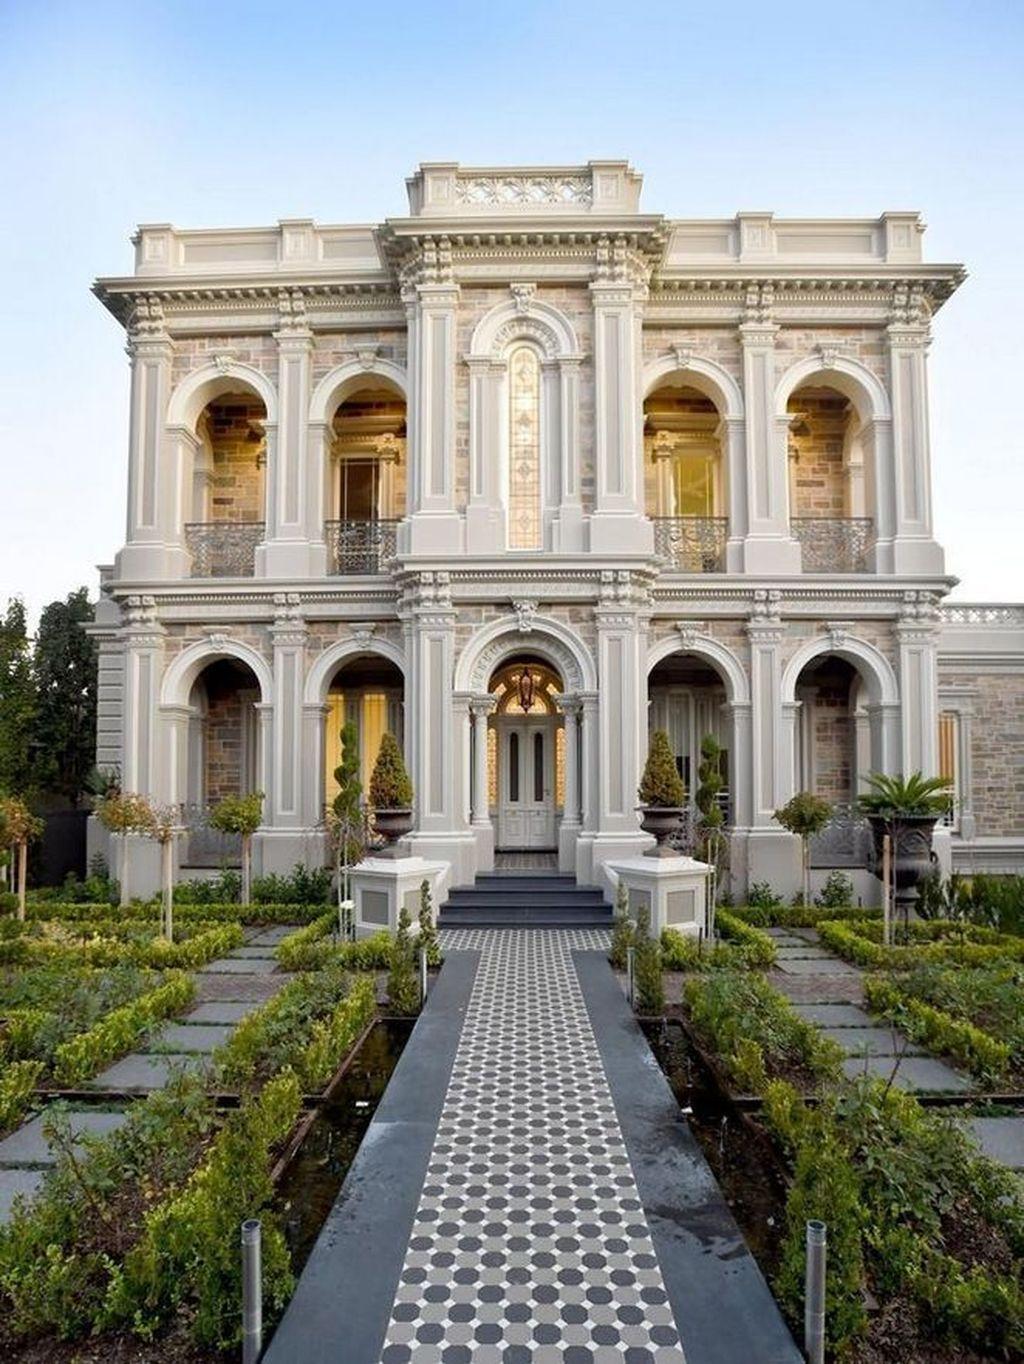 The Best Classic Exterior Design Ideas Luxury Look 21